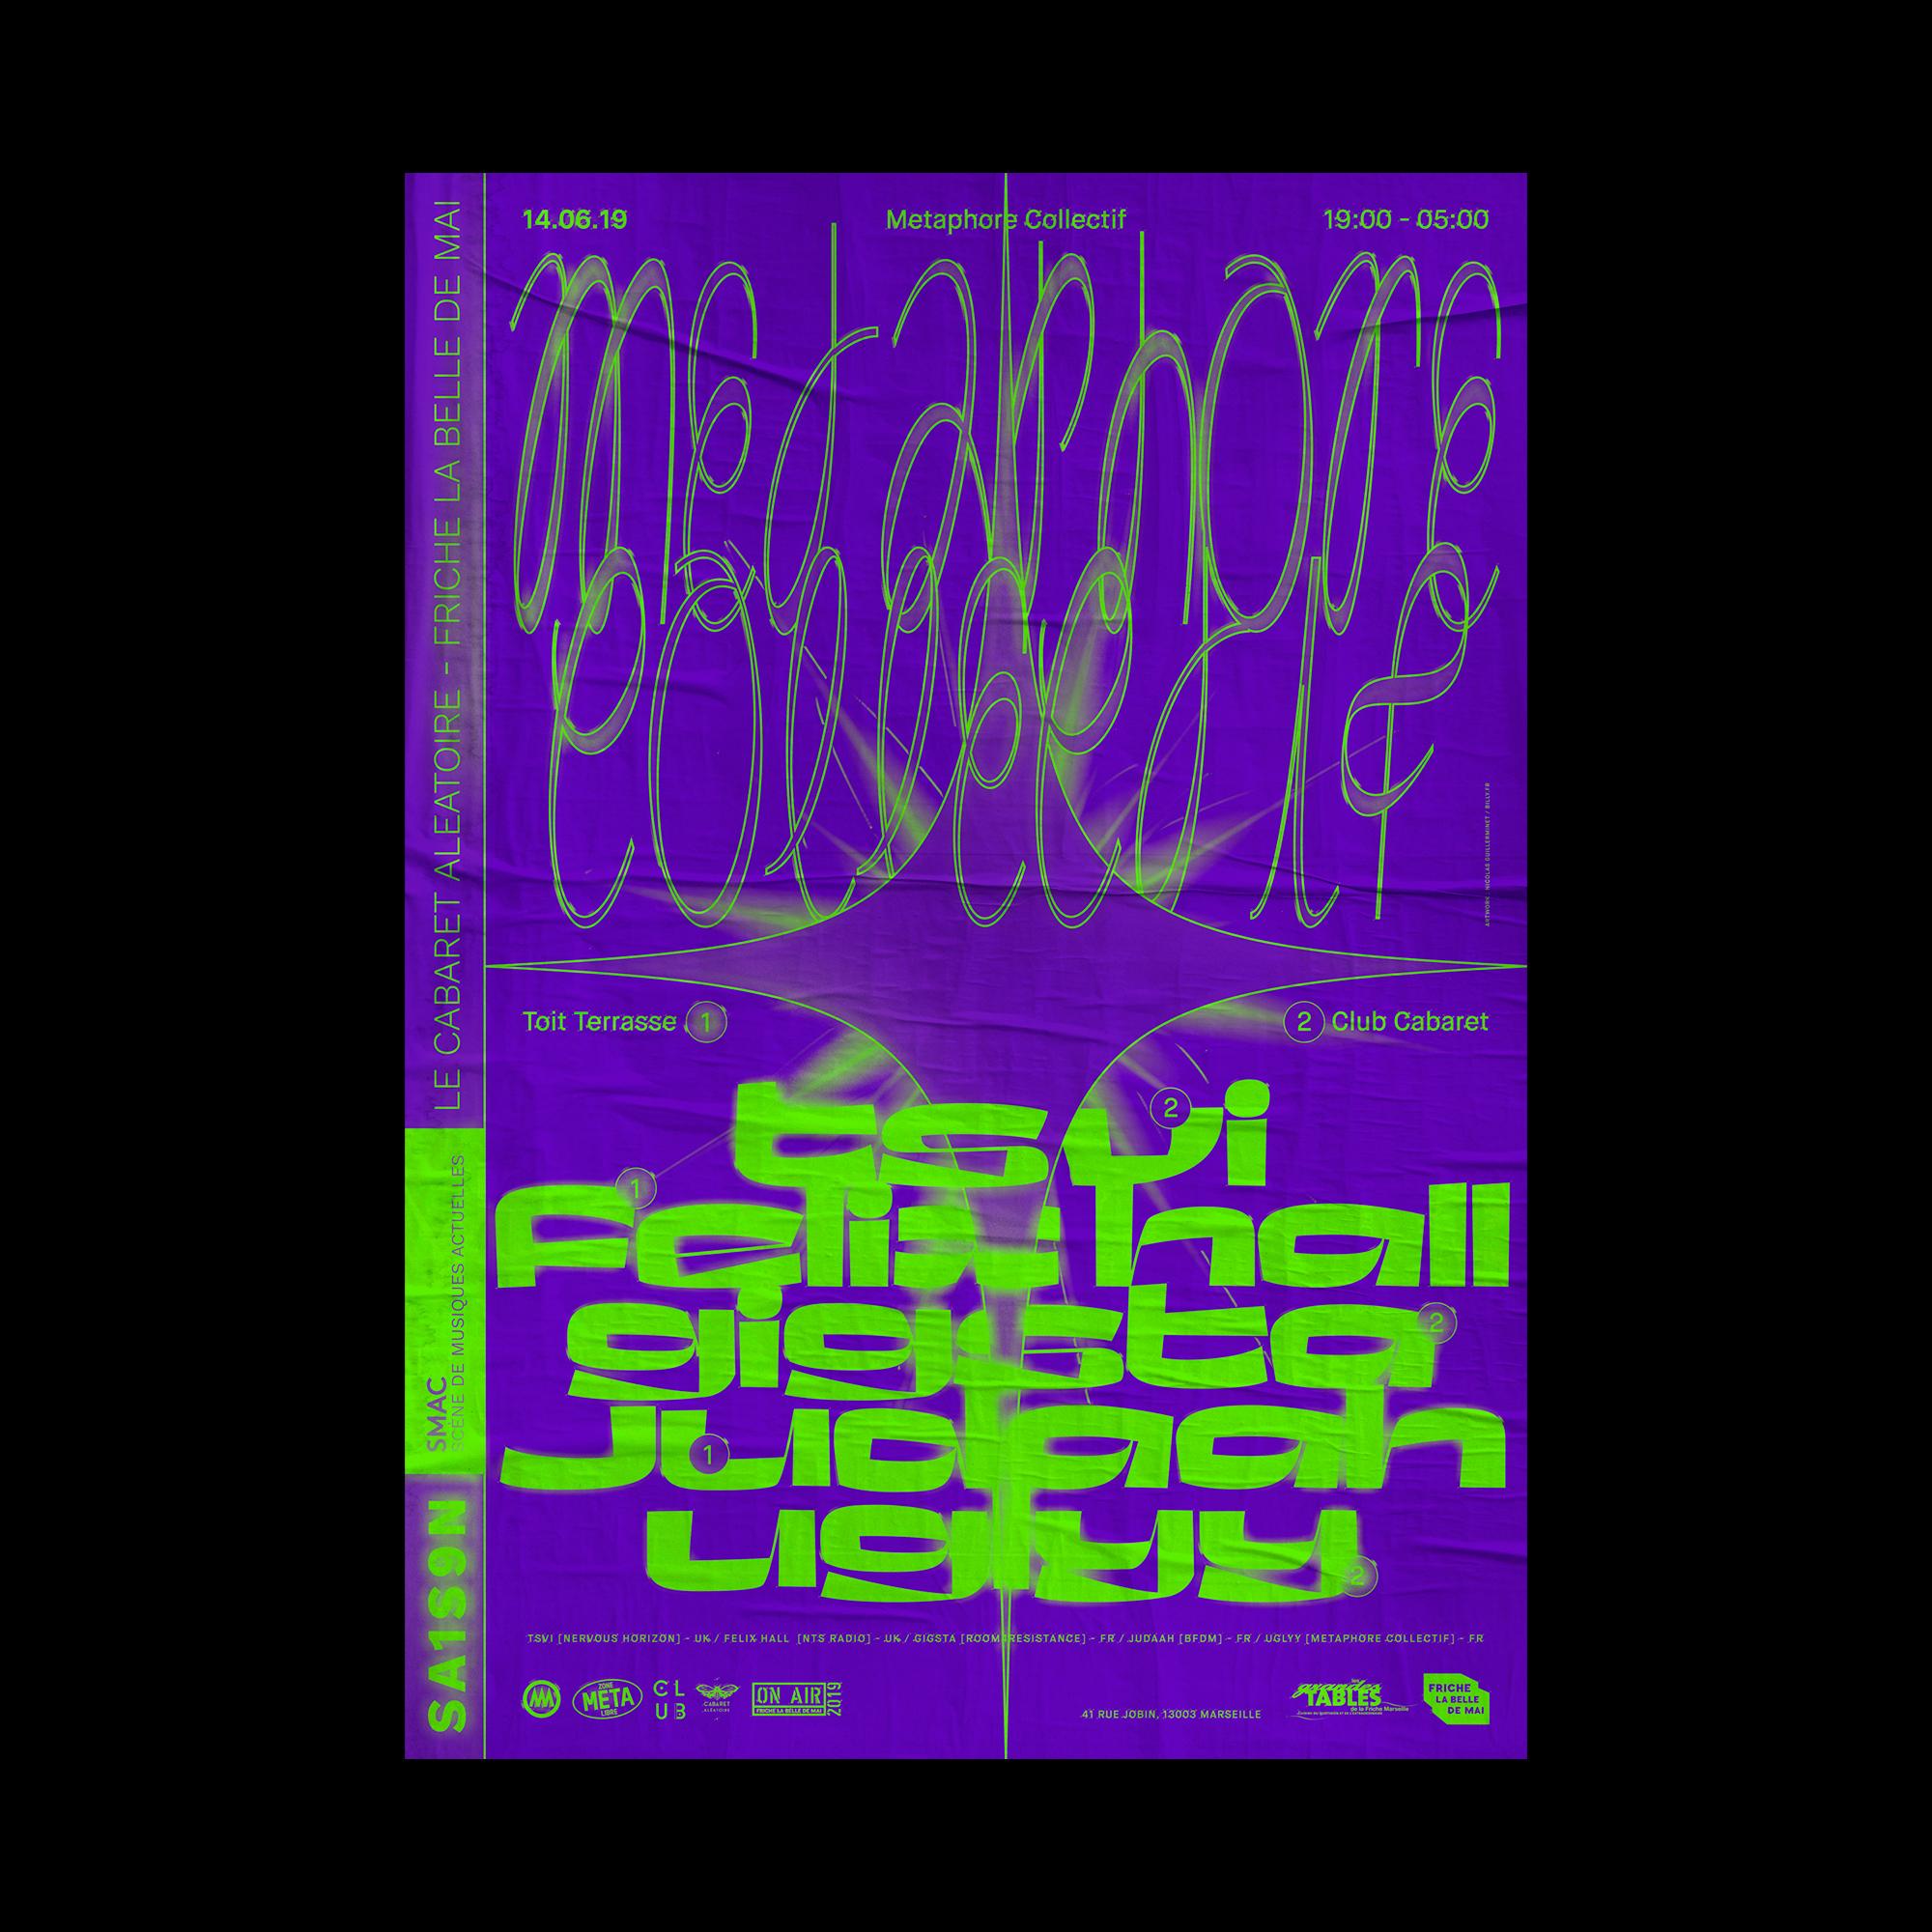 Club Cabaret x Metaphore Collectif : TVSI + Gigsta + Uglyy